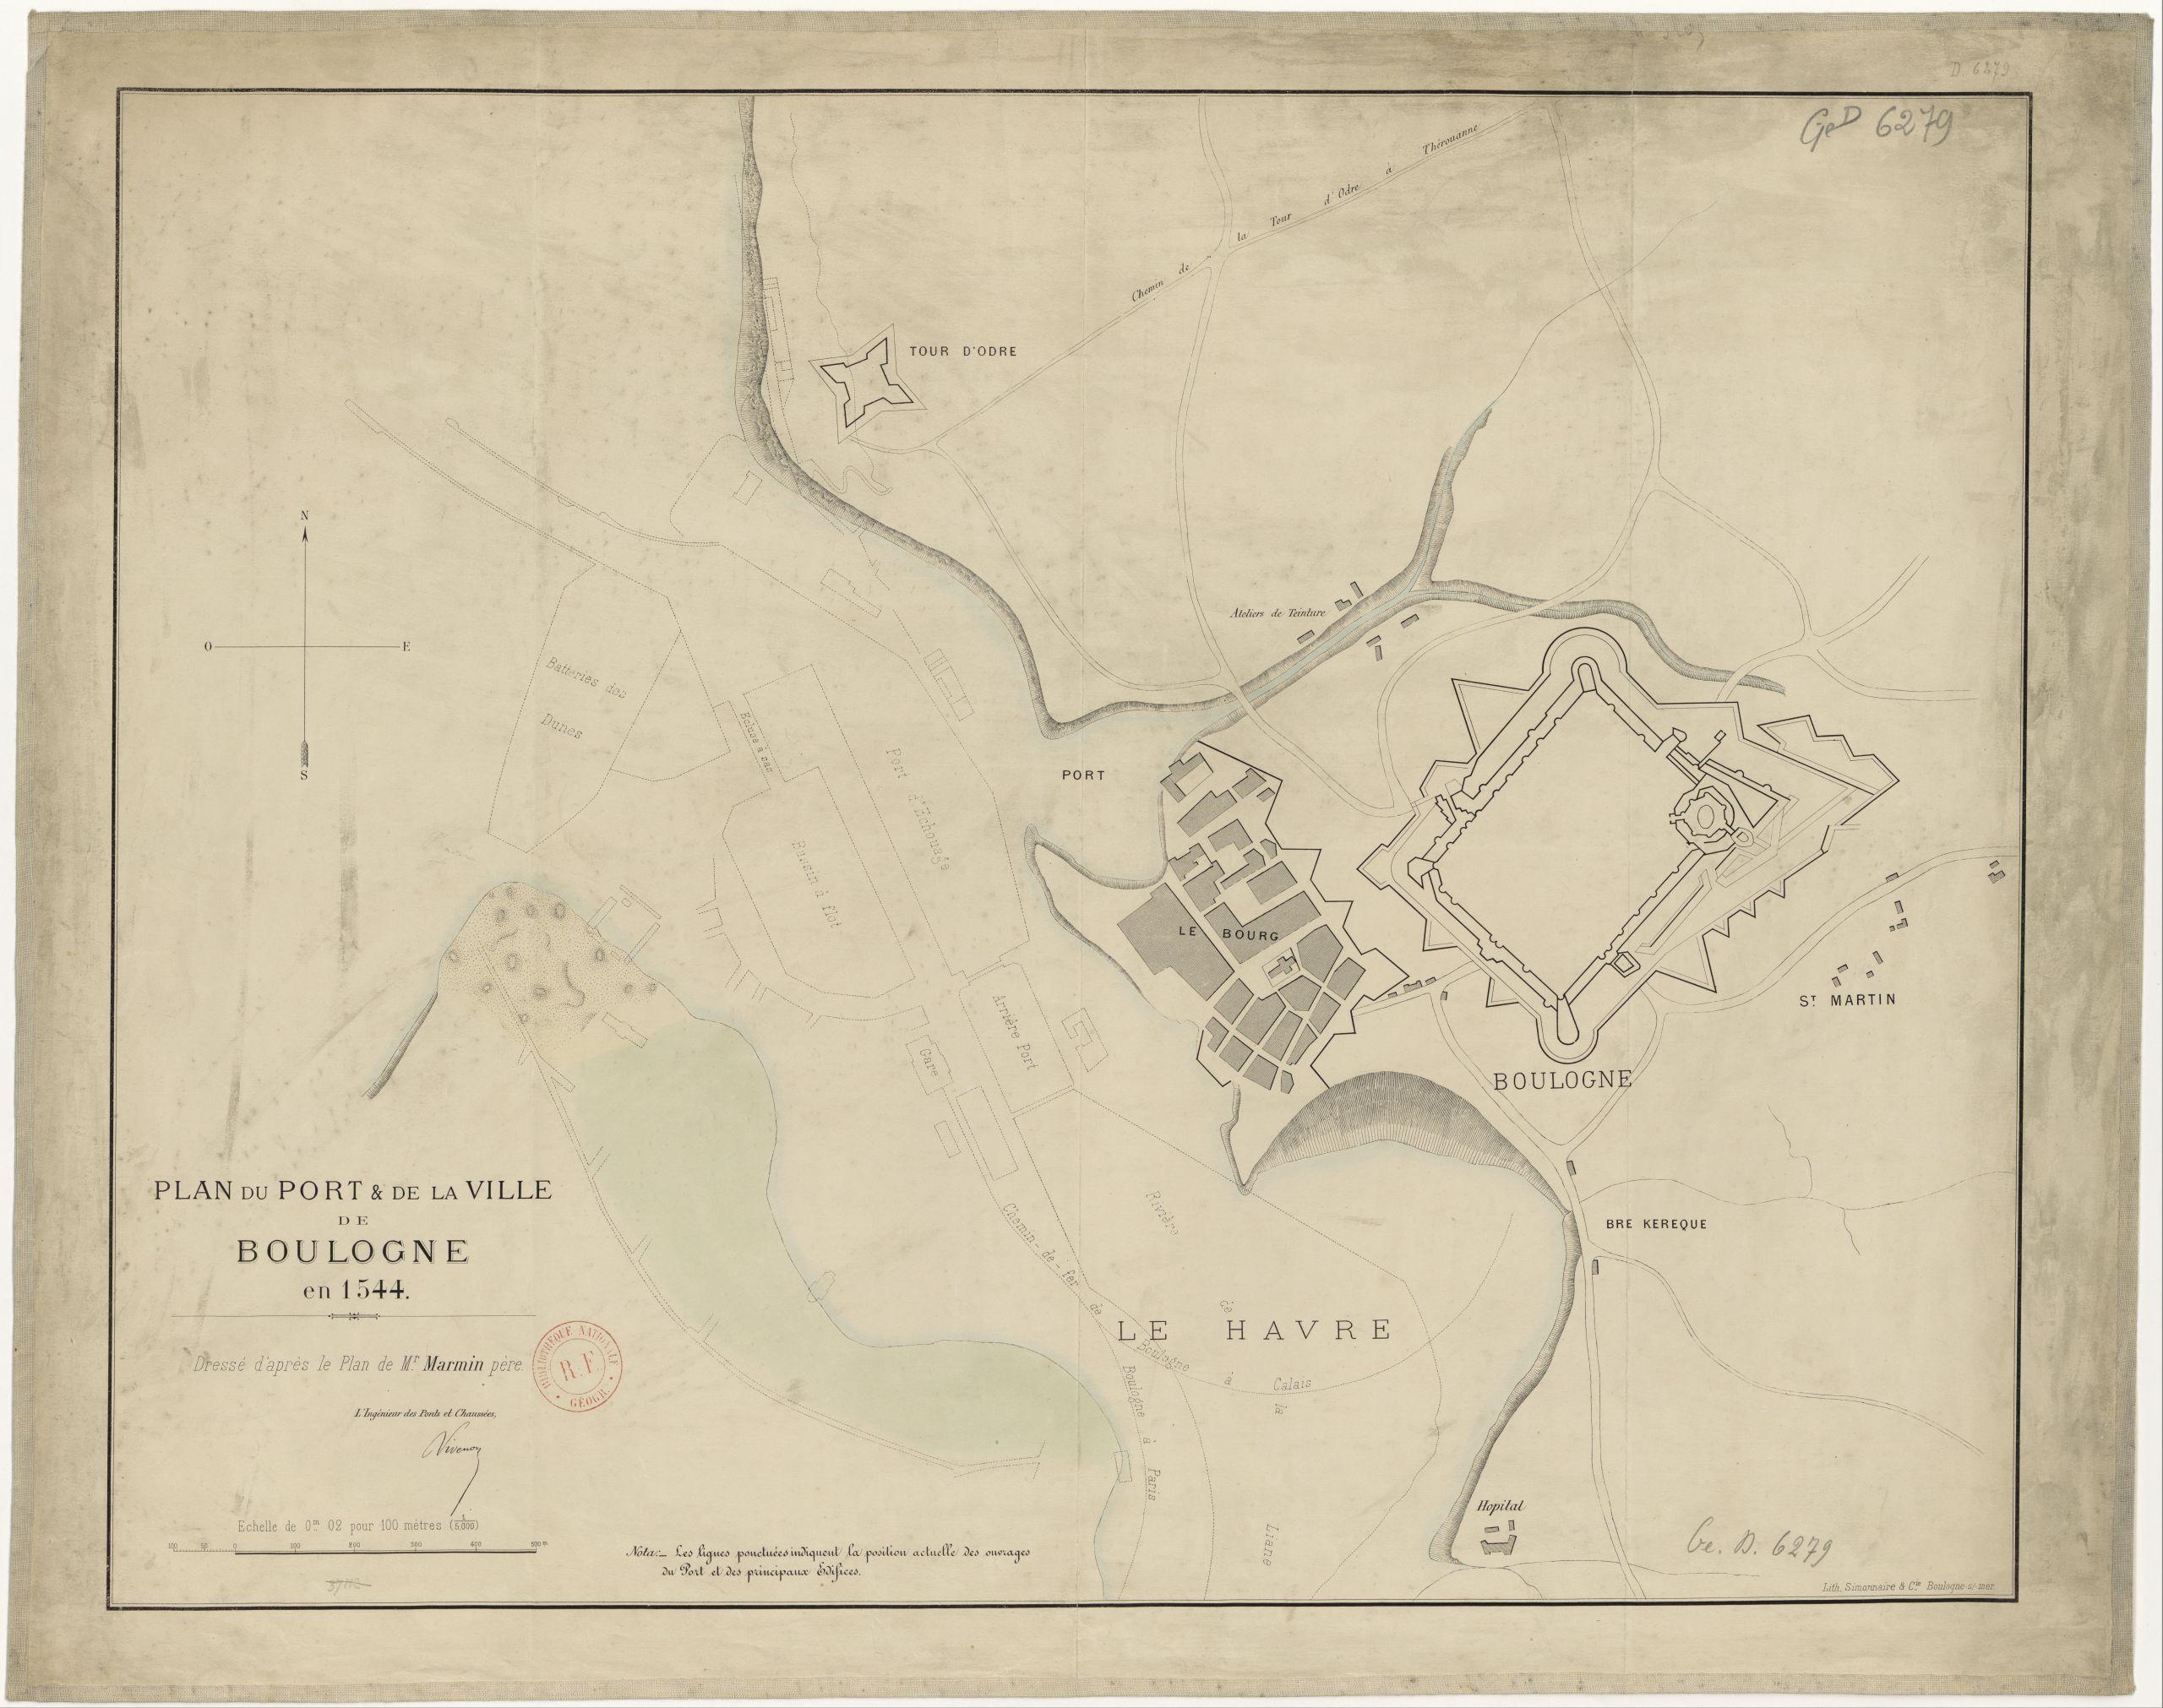 Plan du port de la ville de Boulogne en 1544